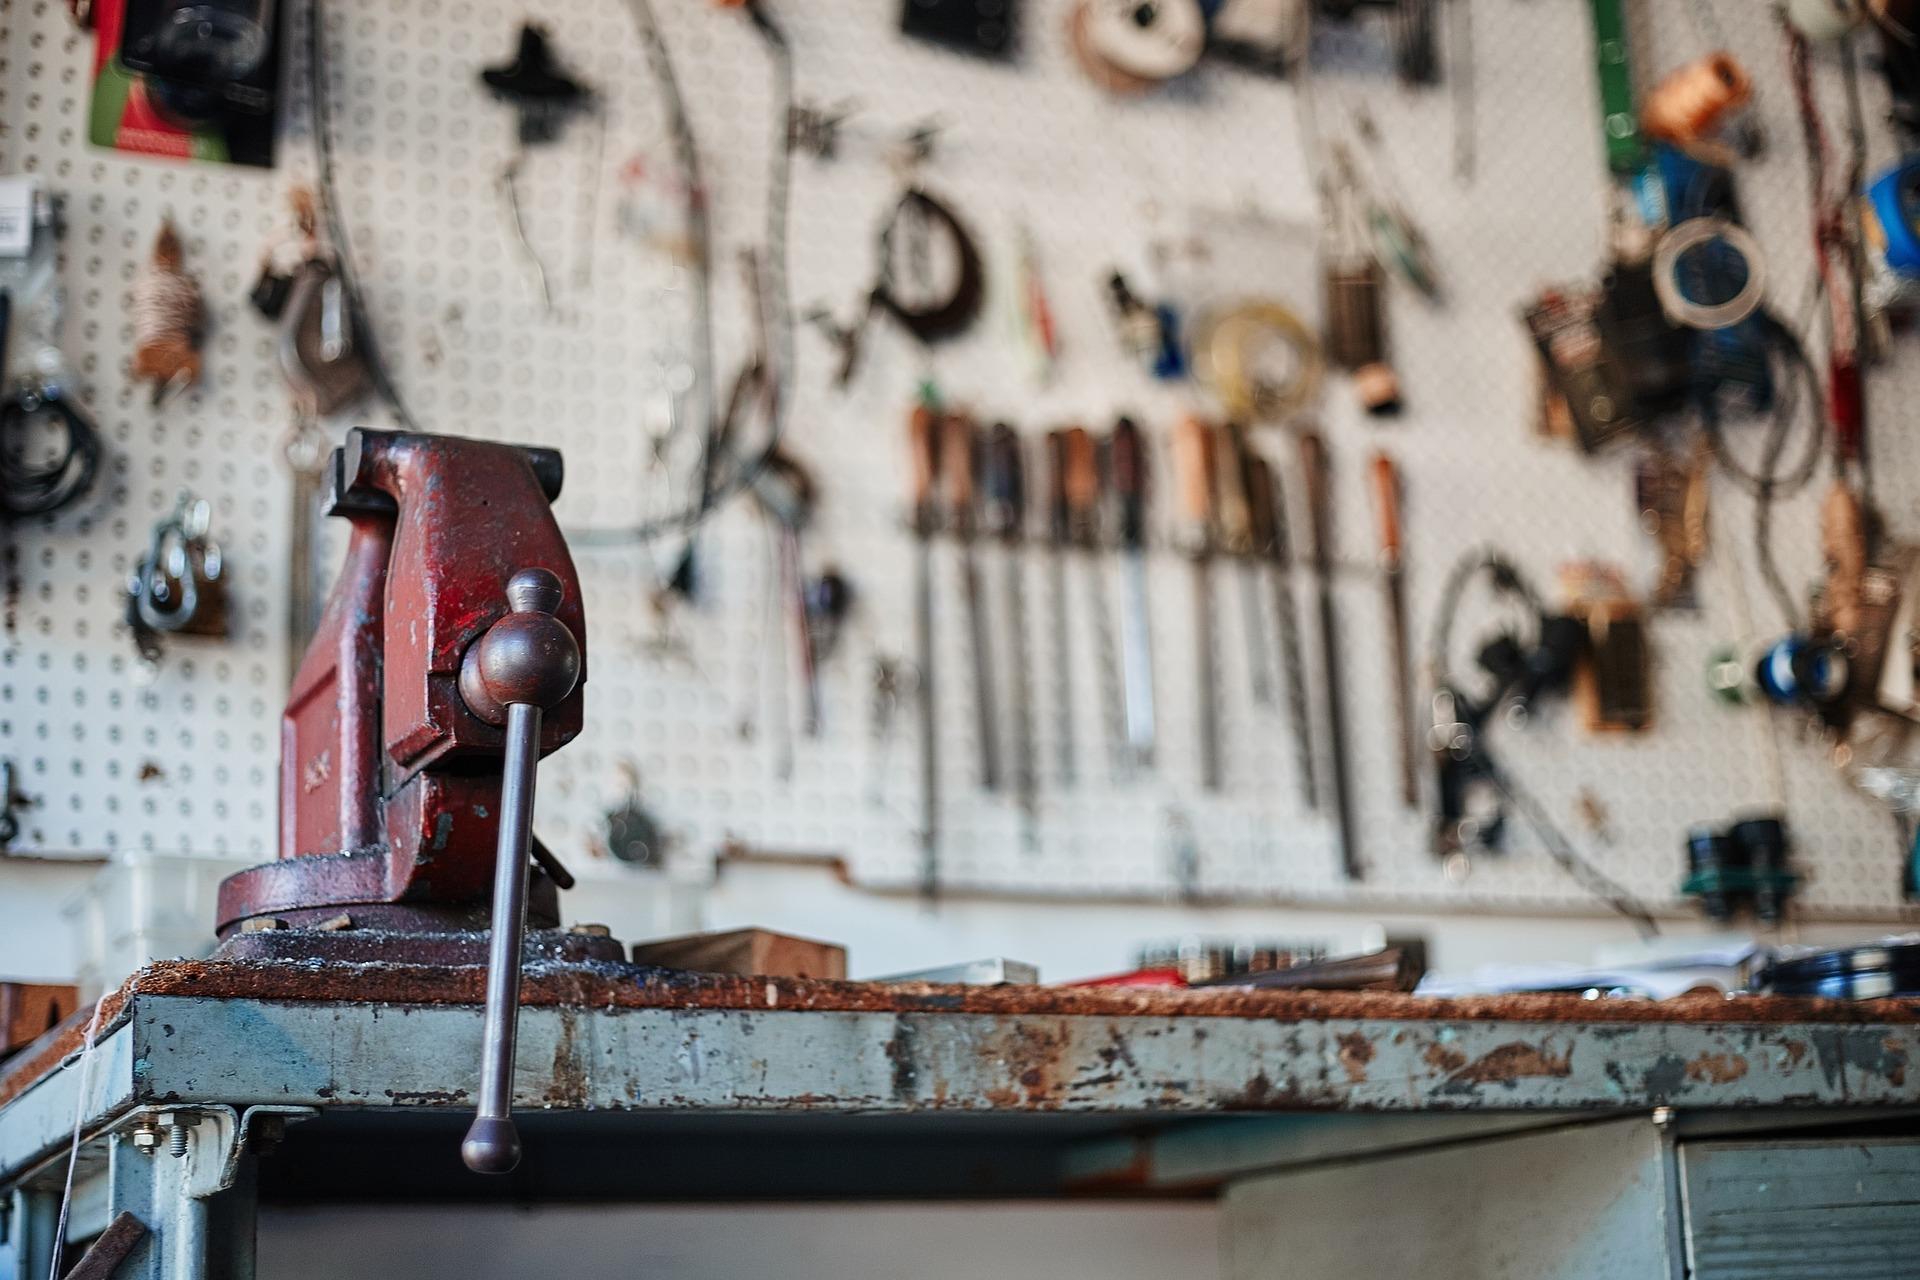 Tretlager Werkzeug - Top 15 Werkzeugsets für Tretlager